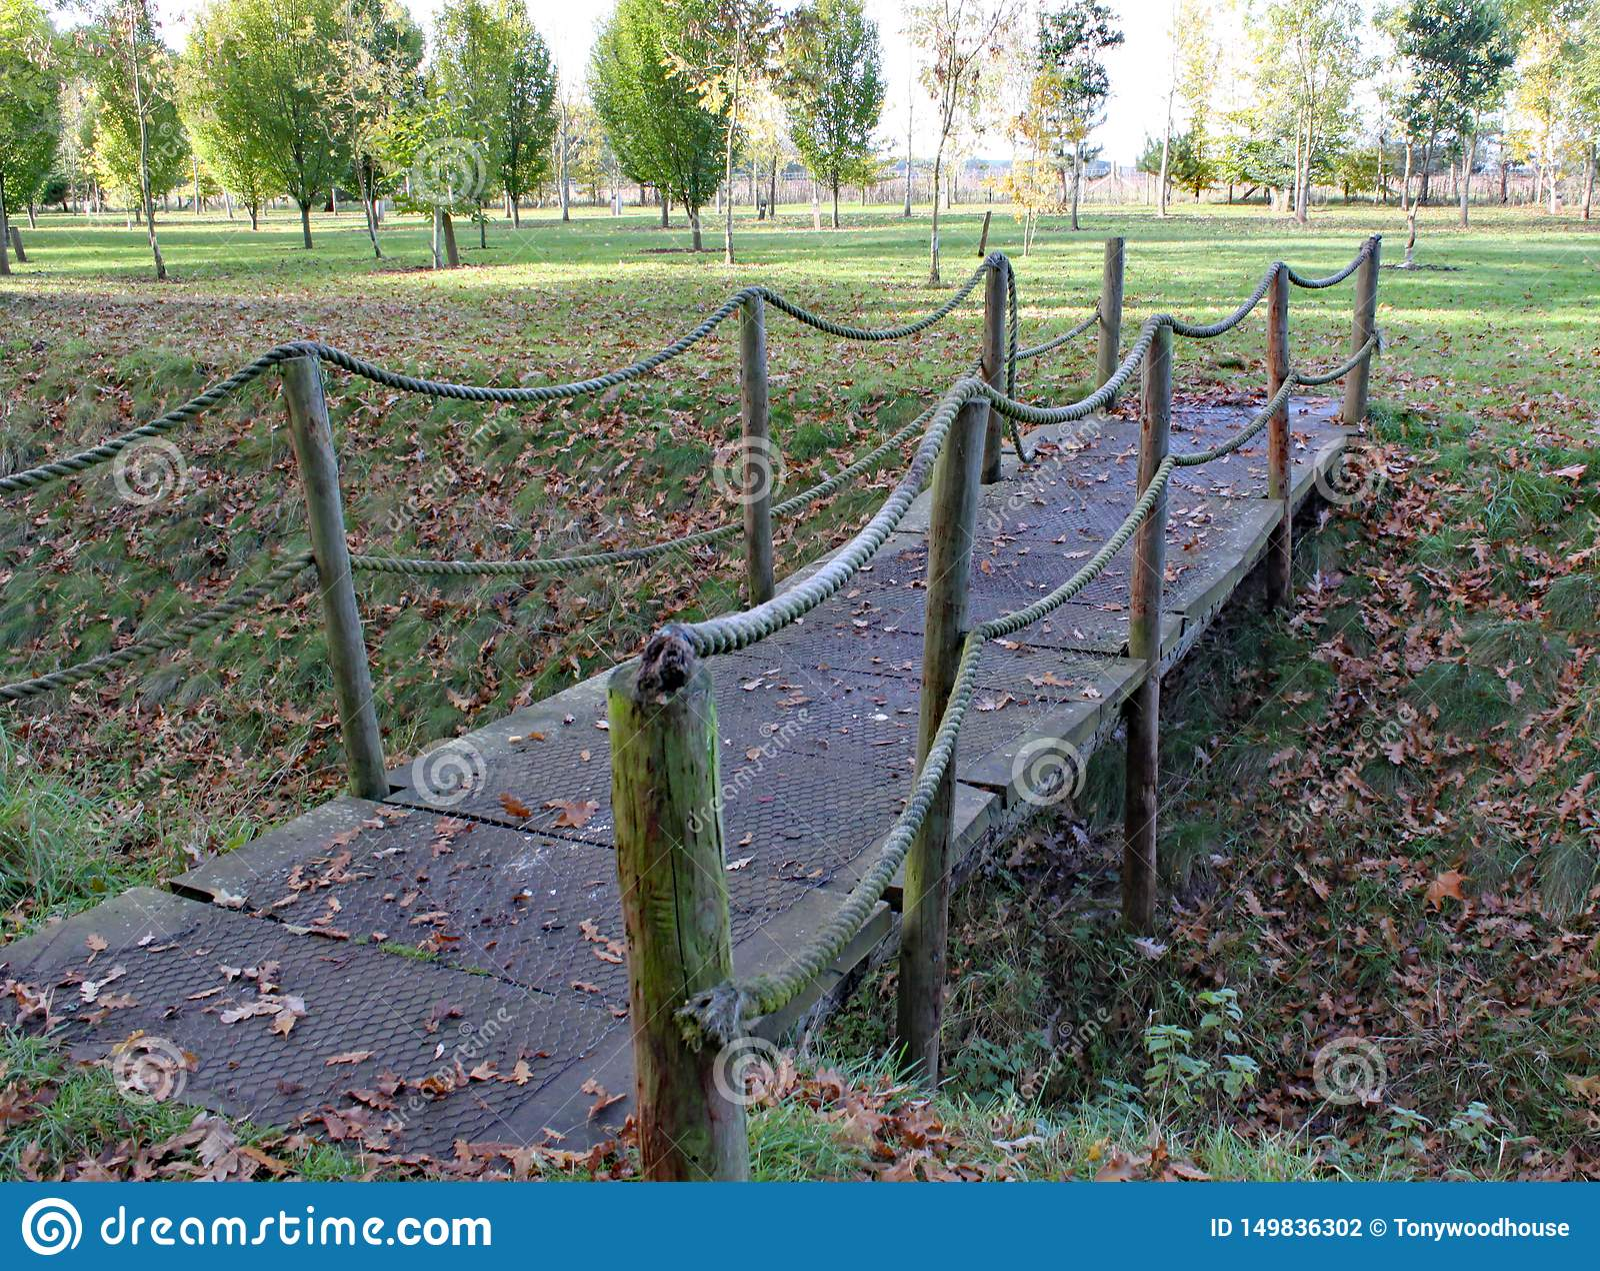 Μια μικρή γέφυρα σχοινιών διασχίζει μια τάφρο στο δενδρολογικό κήπο Arley στις Μεσαγγλίες στην Αγγλία